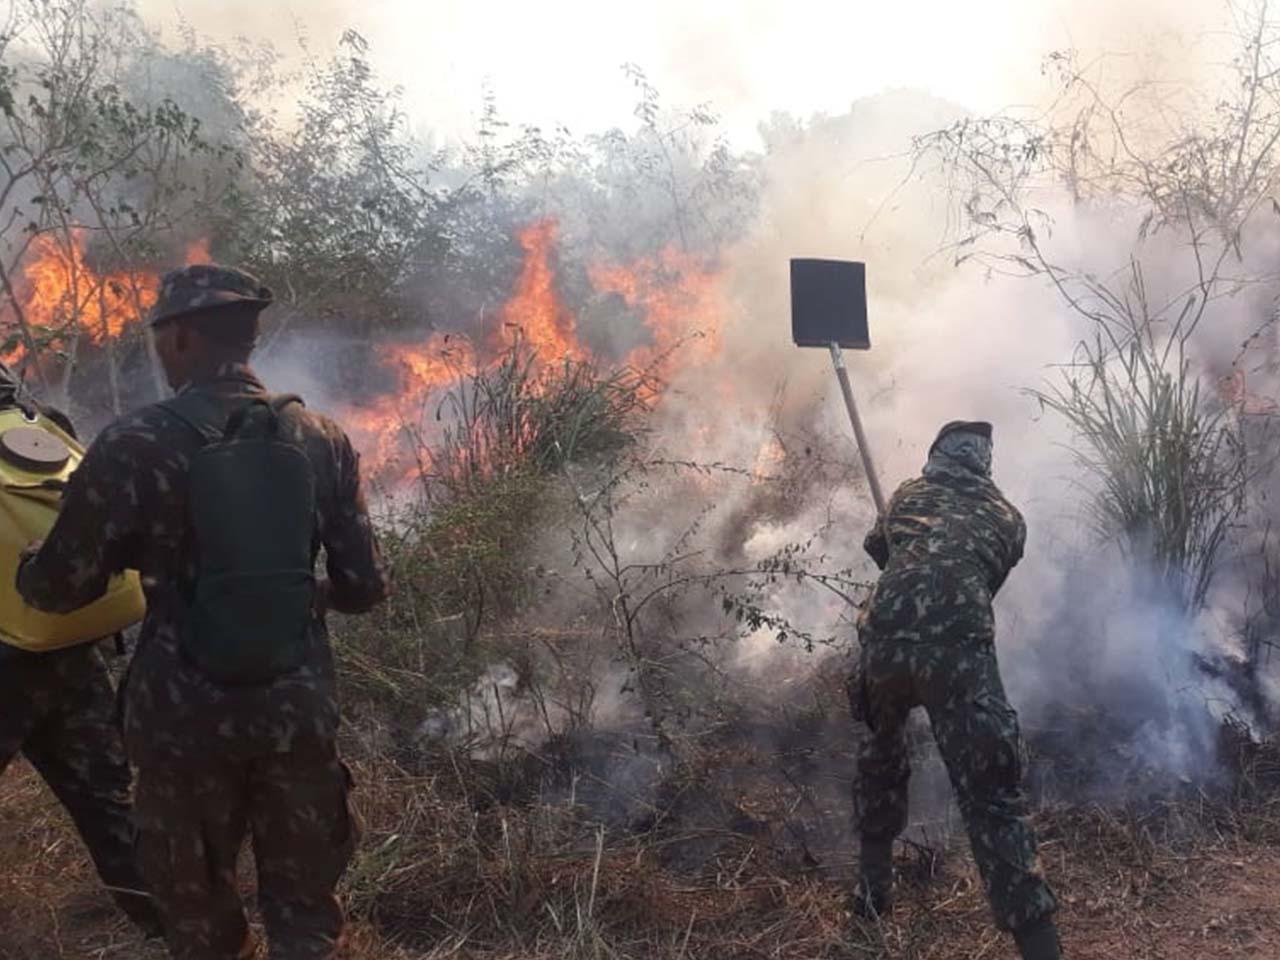 Militares do Exército Brasileiro acabam com focos de incêndio em Altamira, Itaituba e regiões adjacentes